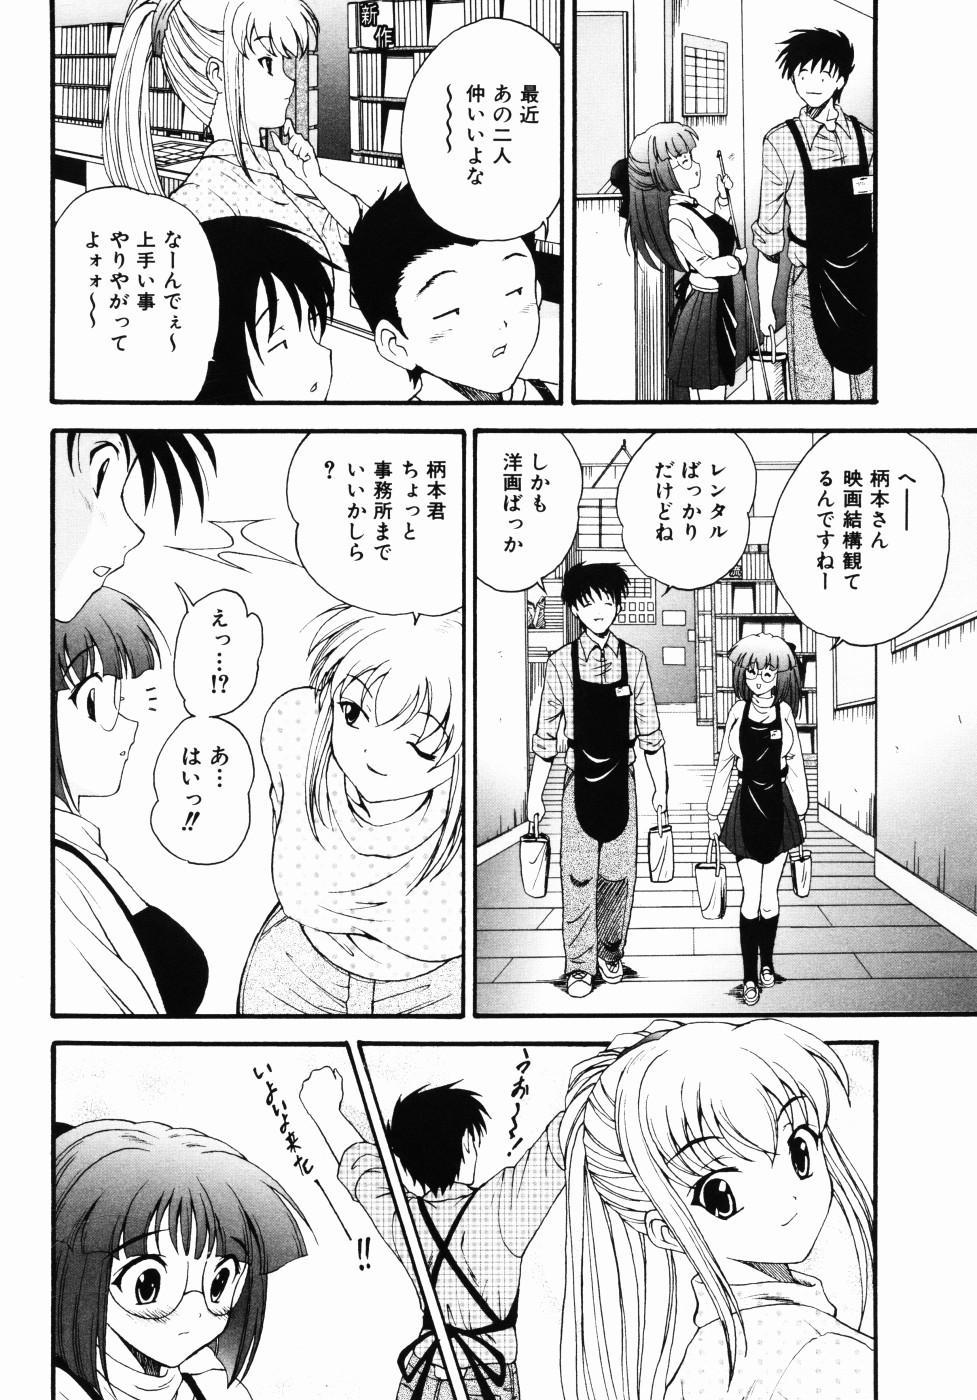 Daikyou Megami 86